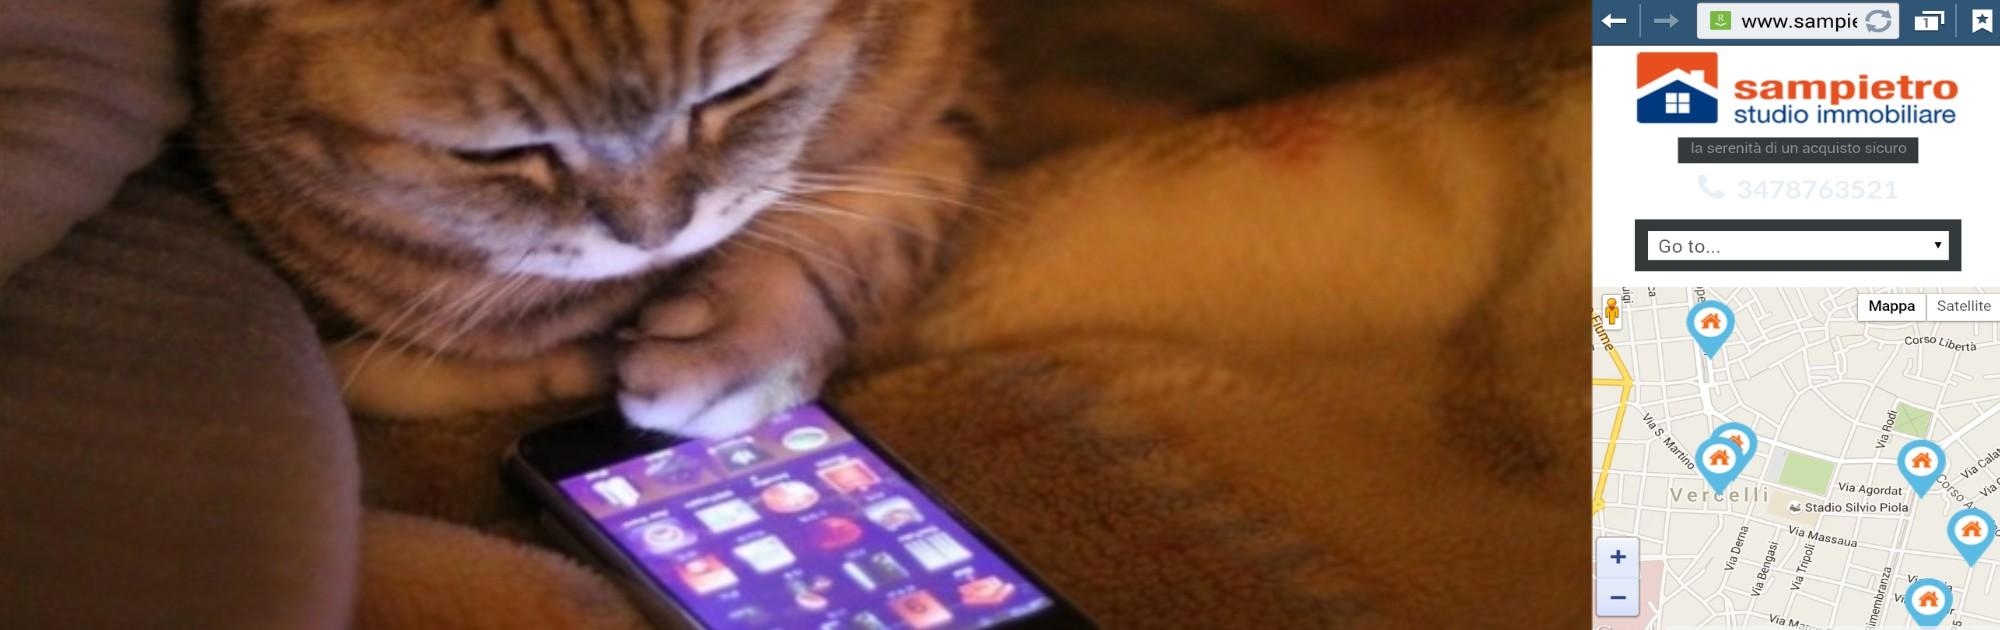 Fai una ricerca con lo smartphone…..